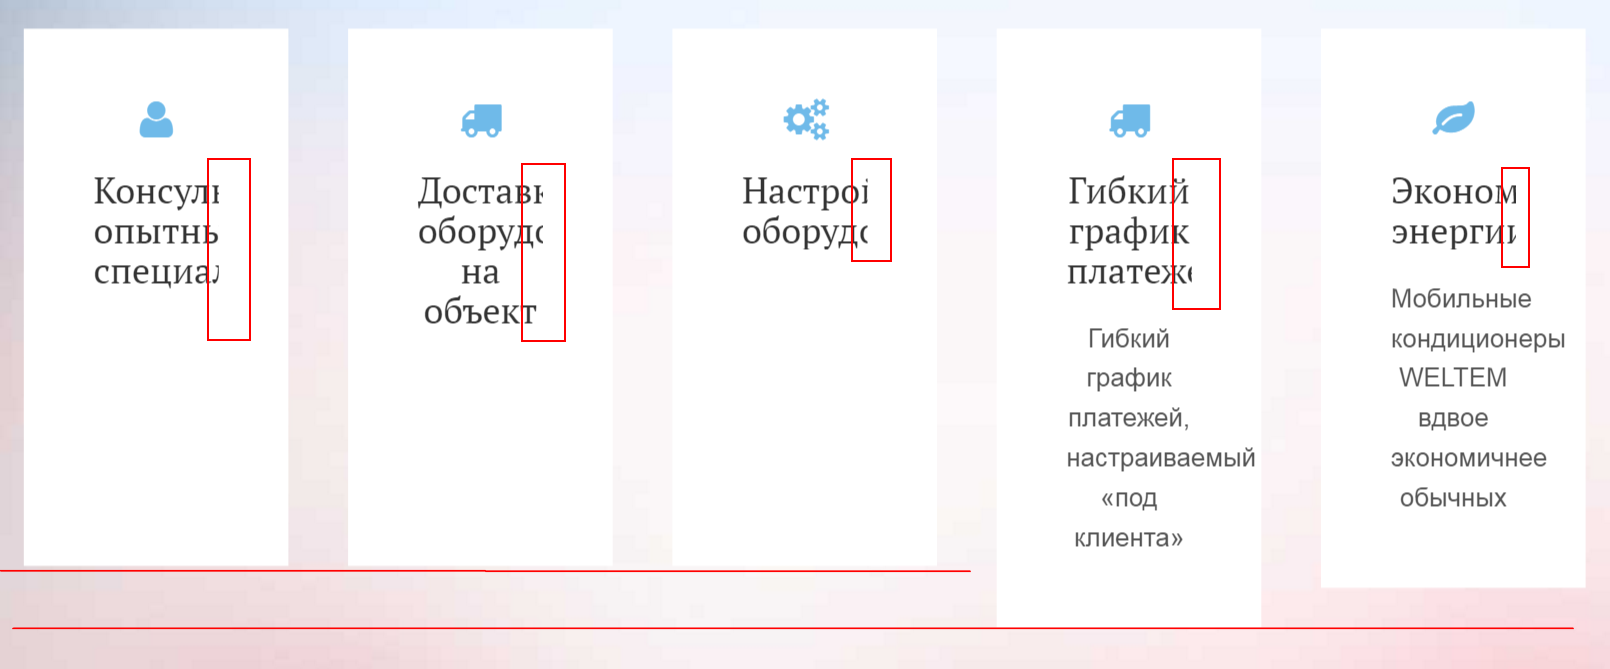 Ошибки в выводе текстовых блоков